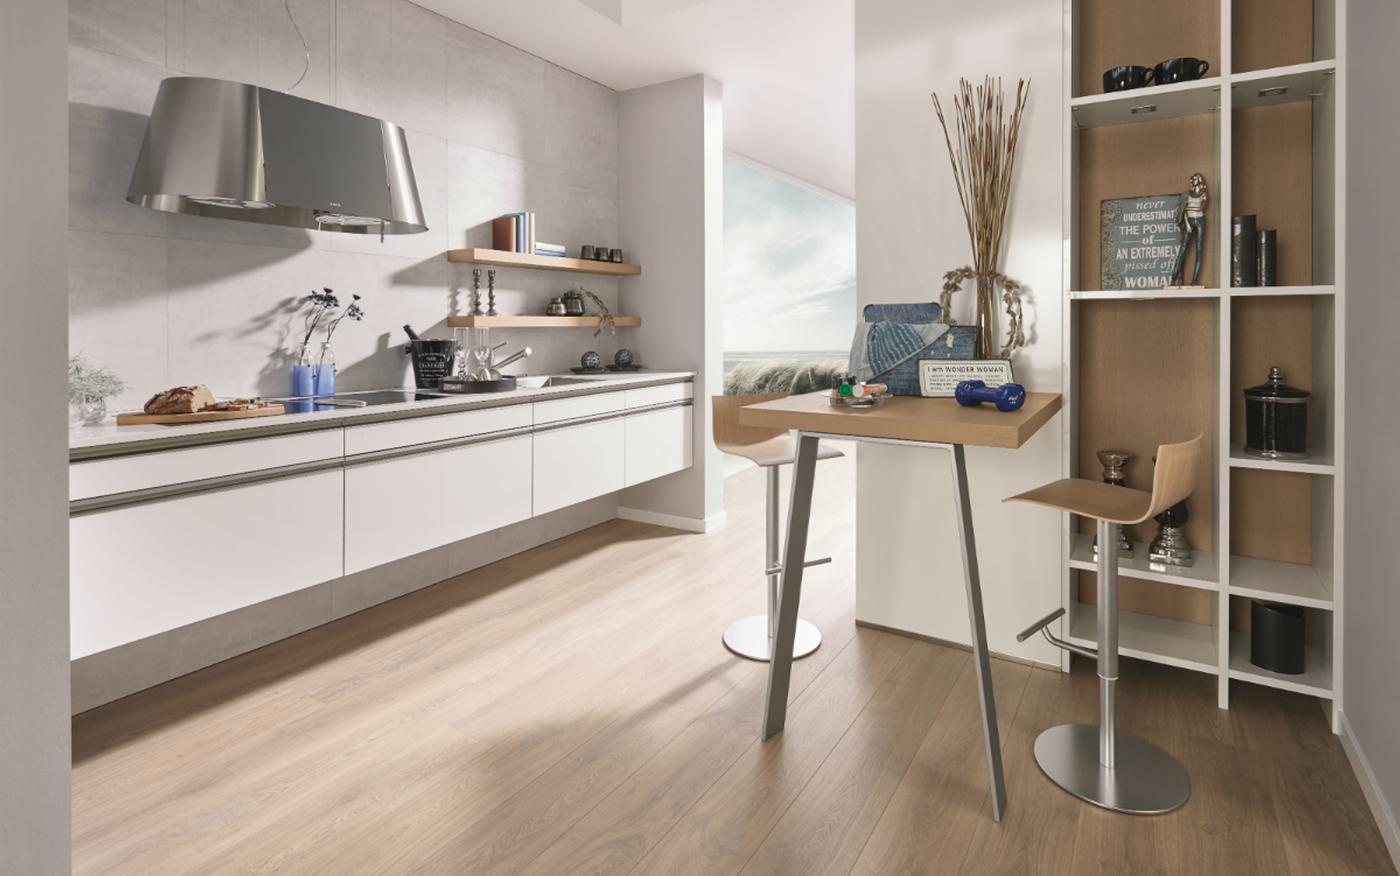 Kreis Design: Sind Sie hungrig auf eine neue Küche?